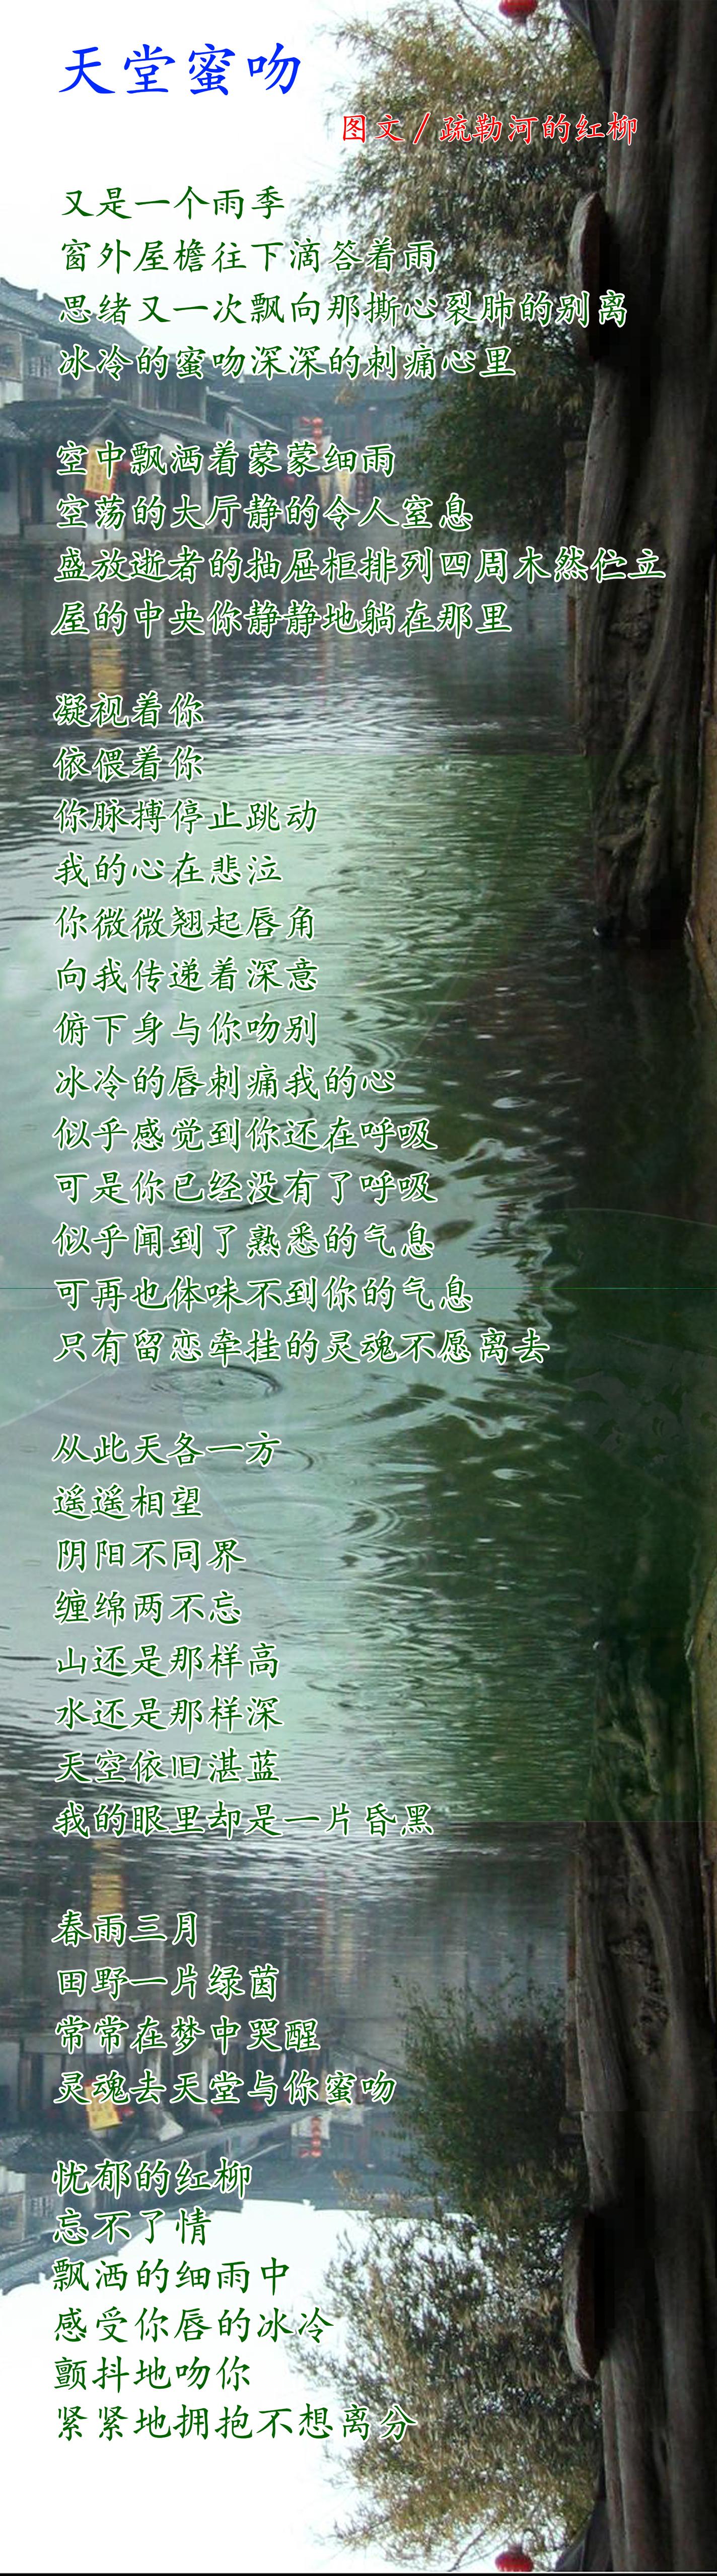 天堂蜜吻【疏勒河的红柳原创】 - 疏勒河的红柳 - 疏勒河的红柳【原创博客】